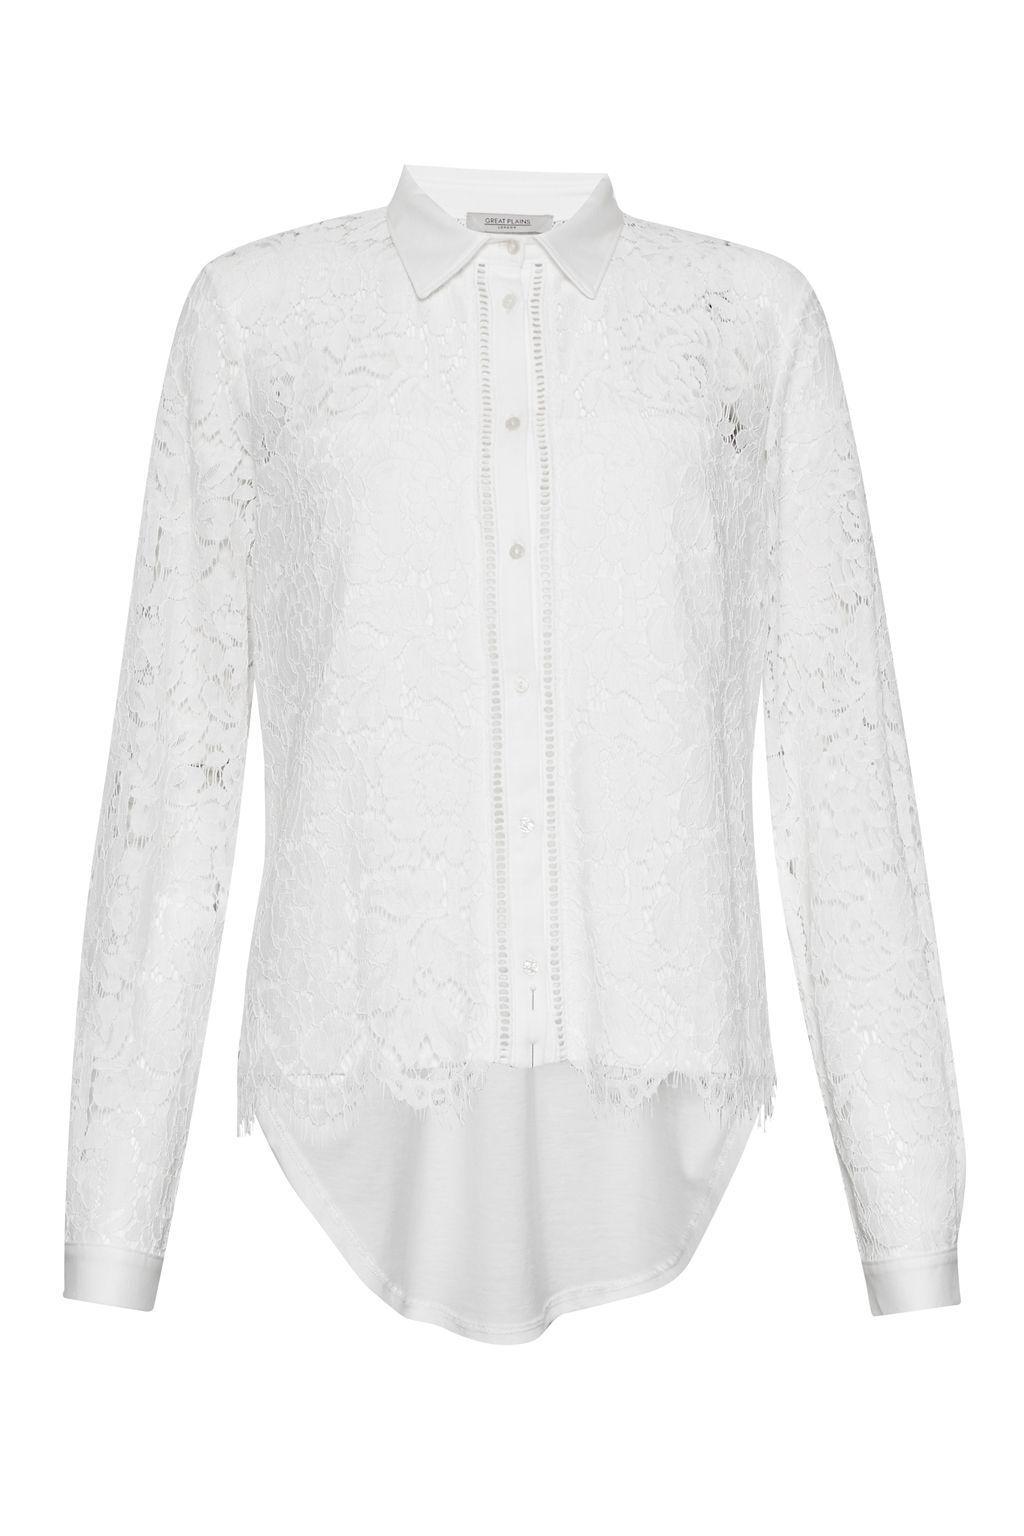 Great Plains Lorenzo Lace Mix Shirt Cream Size L LF172 KK 07